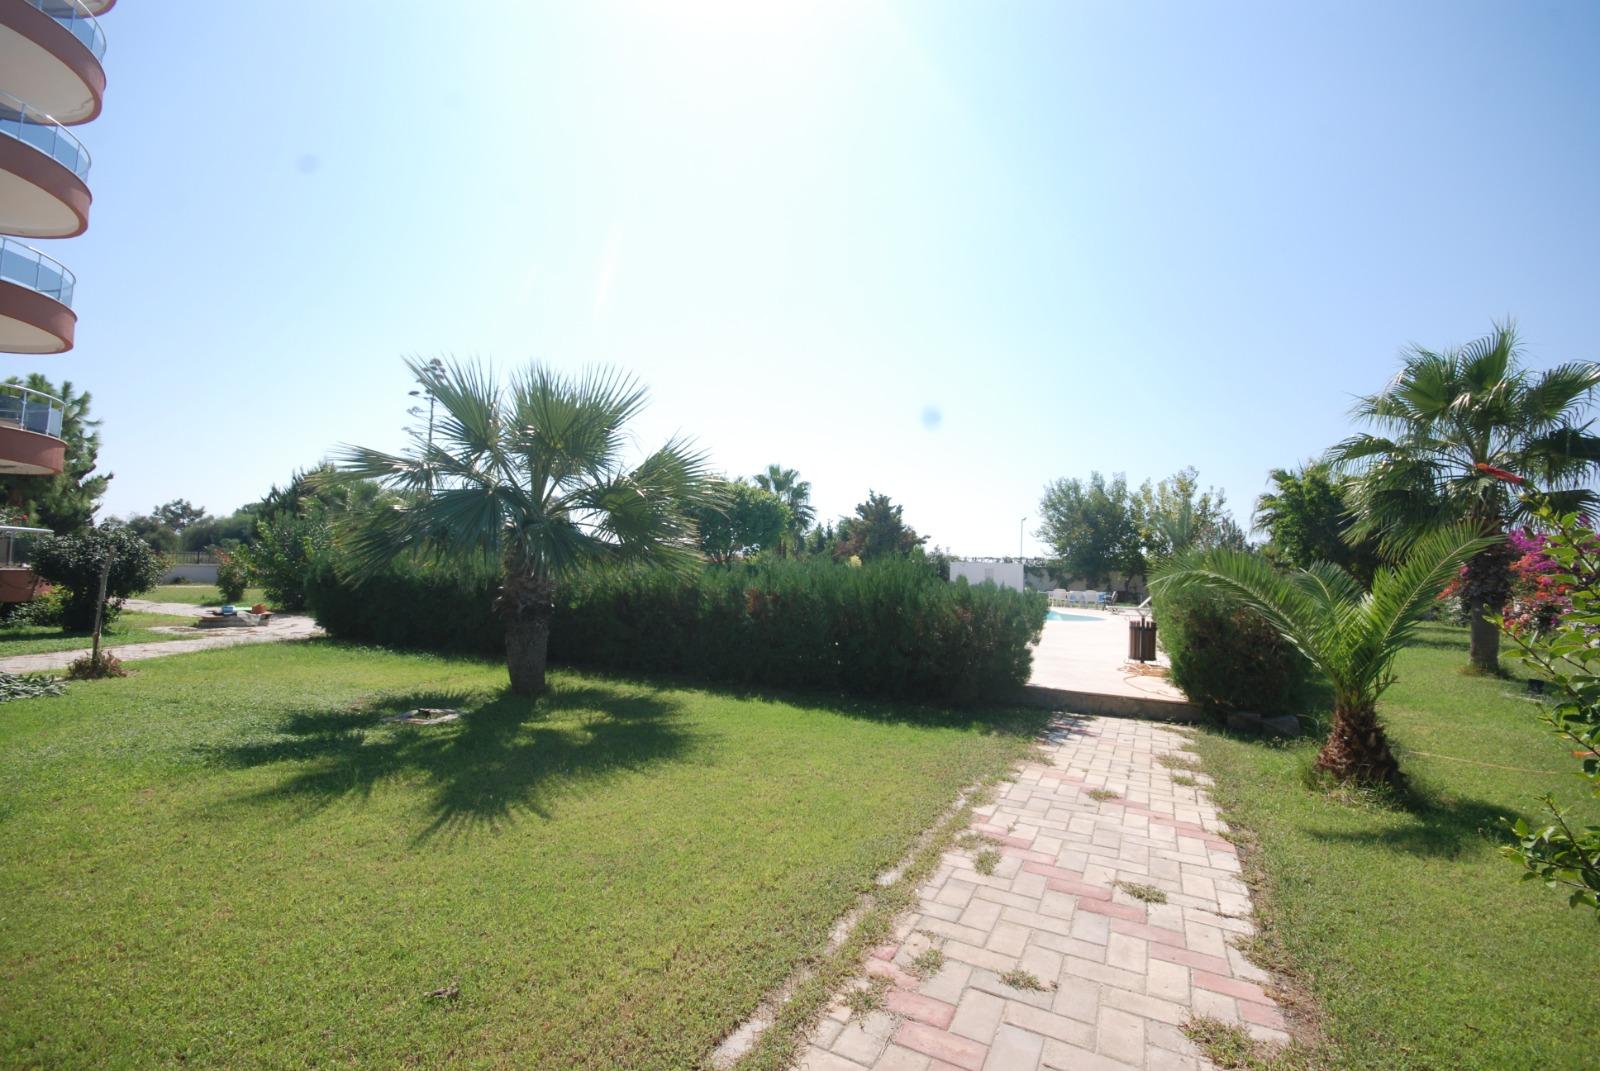 Пентхаус 2+2 с видом на Средиземное море - Фото 5